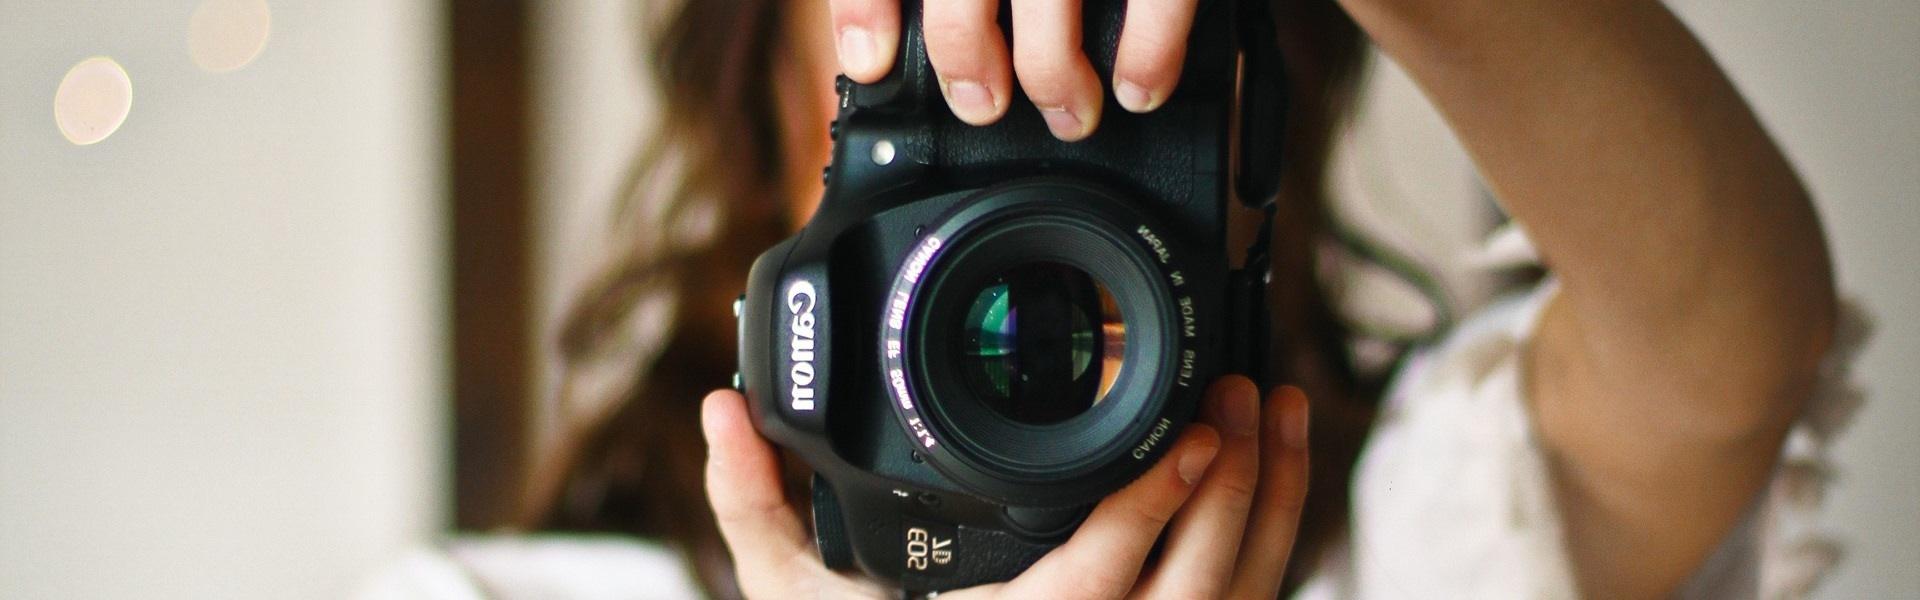 Где учиться на фотографа: список заведений и рекомендаций